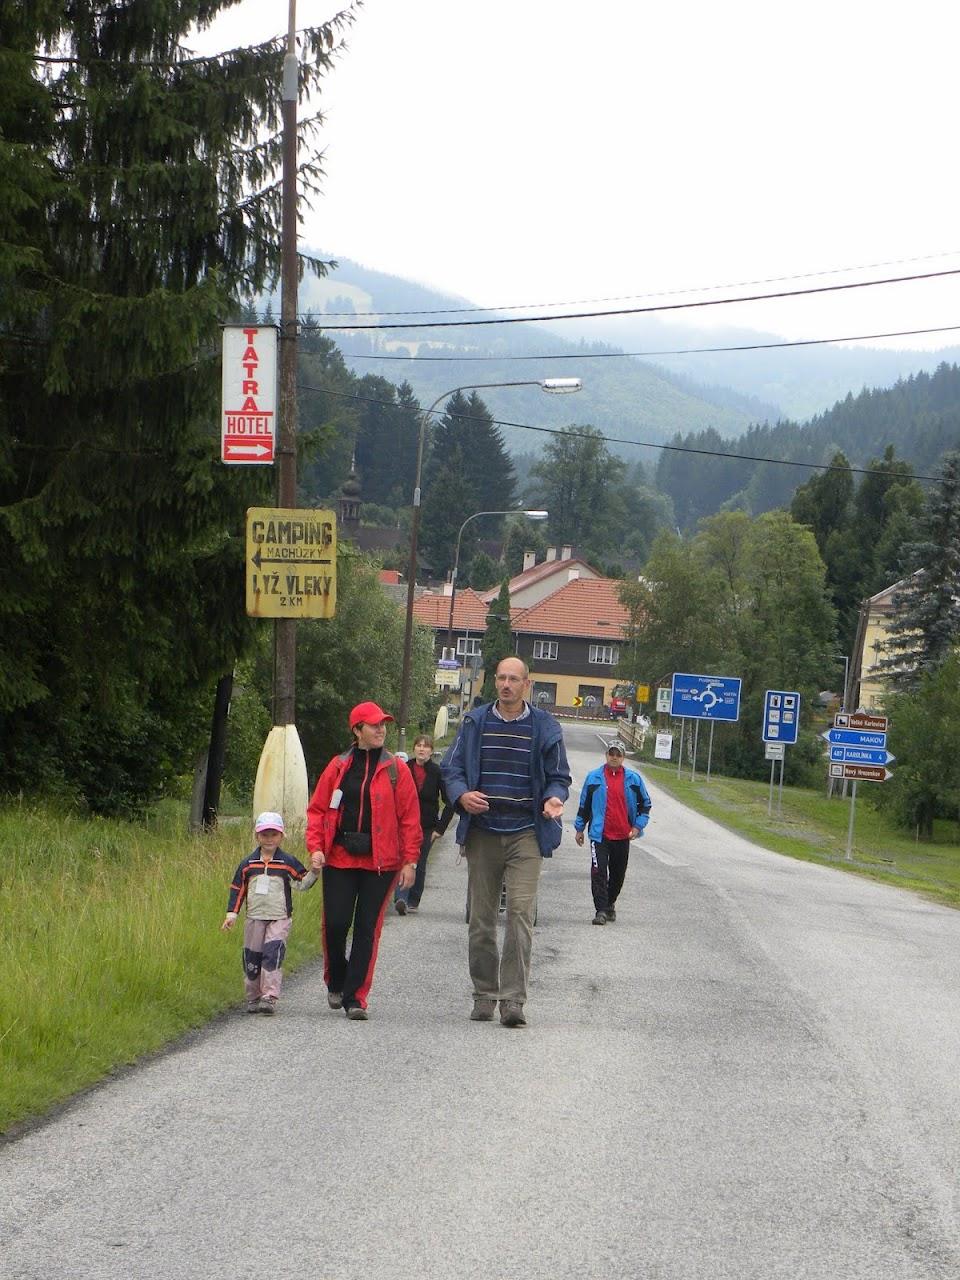 Tábor - Veľké Karlovice - fotka 121.JPG